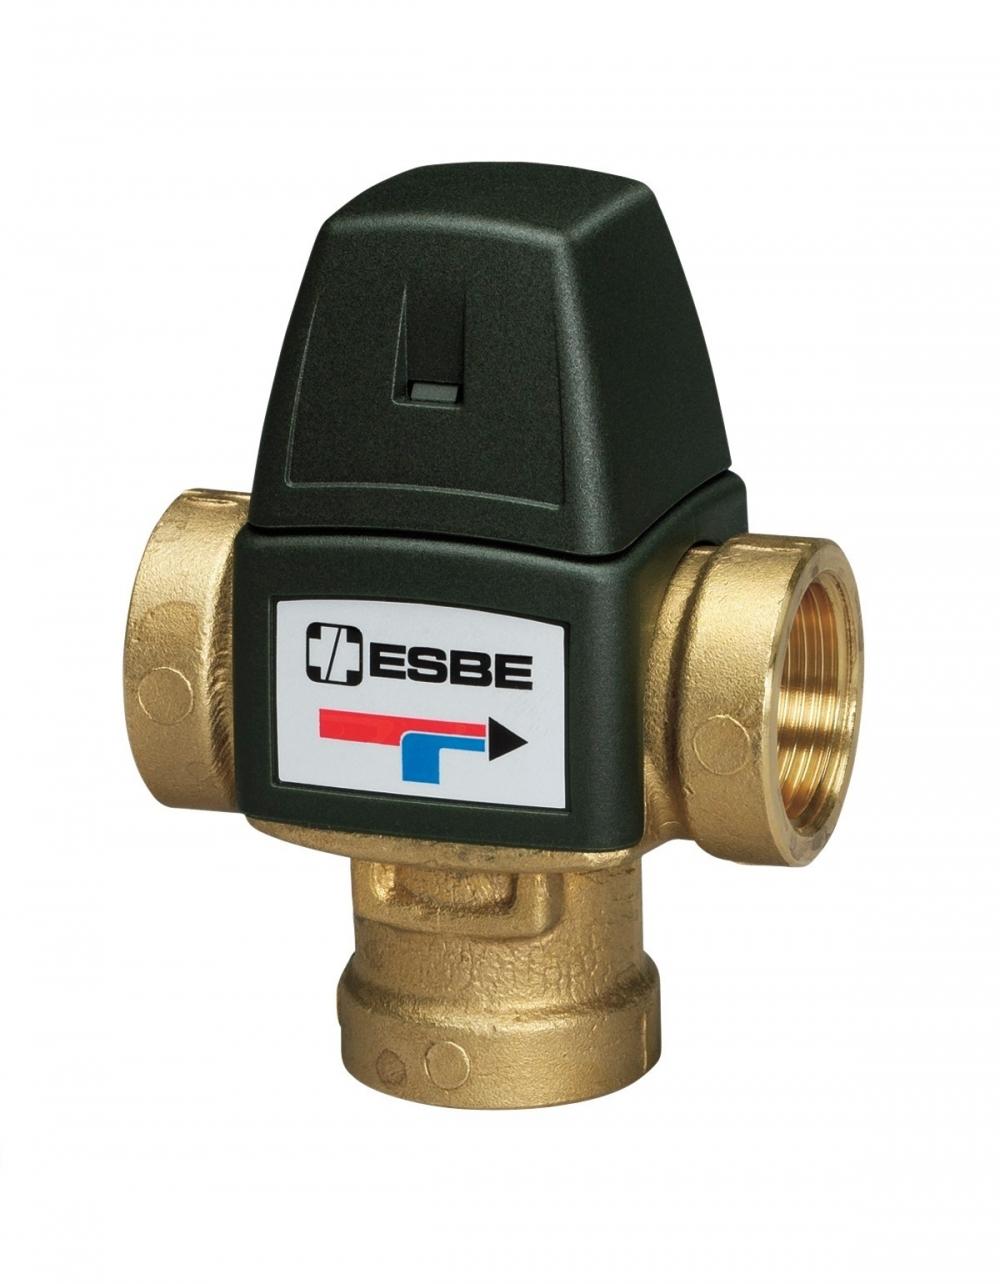 """Термостатический смесительный клапан 1/2"""" ESBE VTA321, с защитой от ожогов для ГВС T=20-43°C Rp 1/2"""" DN 15 Kvs 1,5 31100300 - 4"""